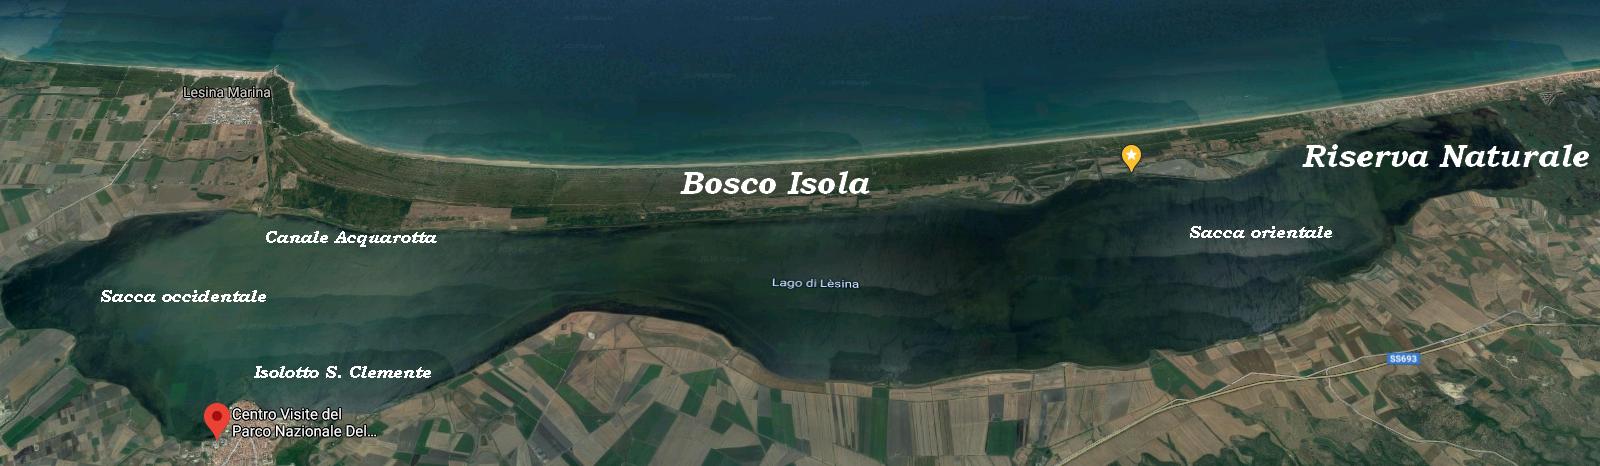 escursioni_nel__lago_di_lesina